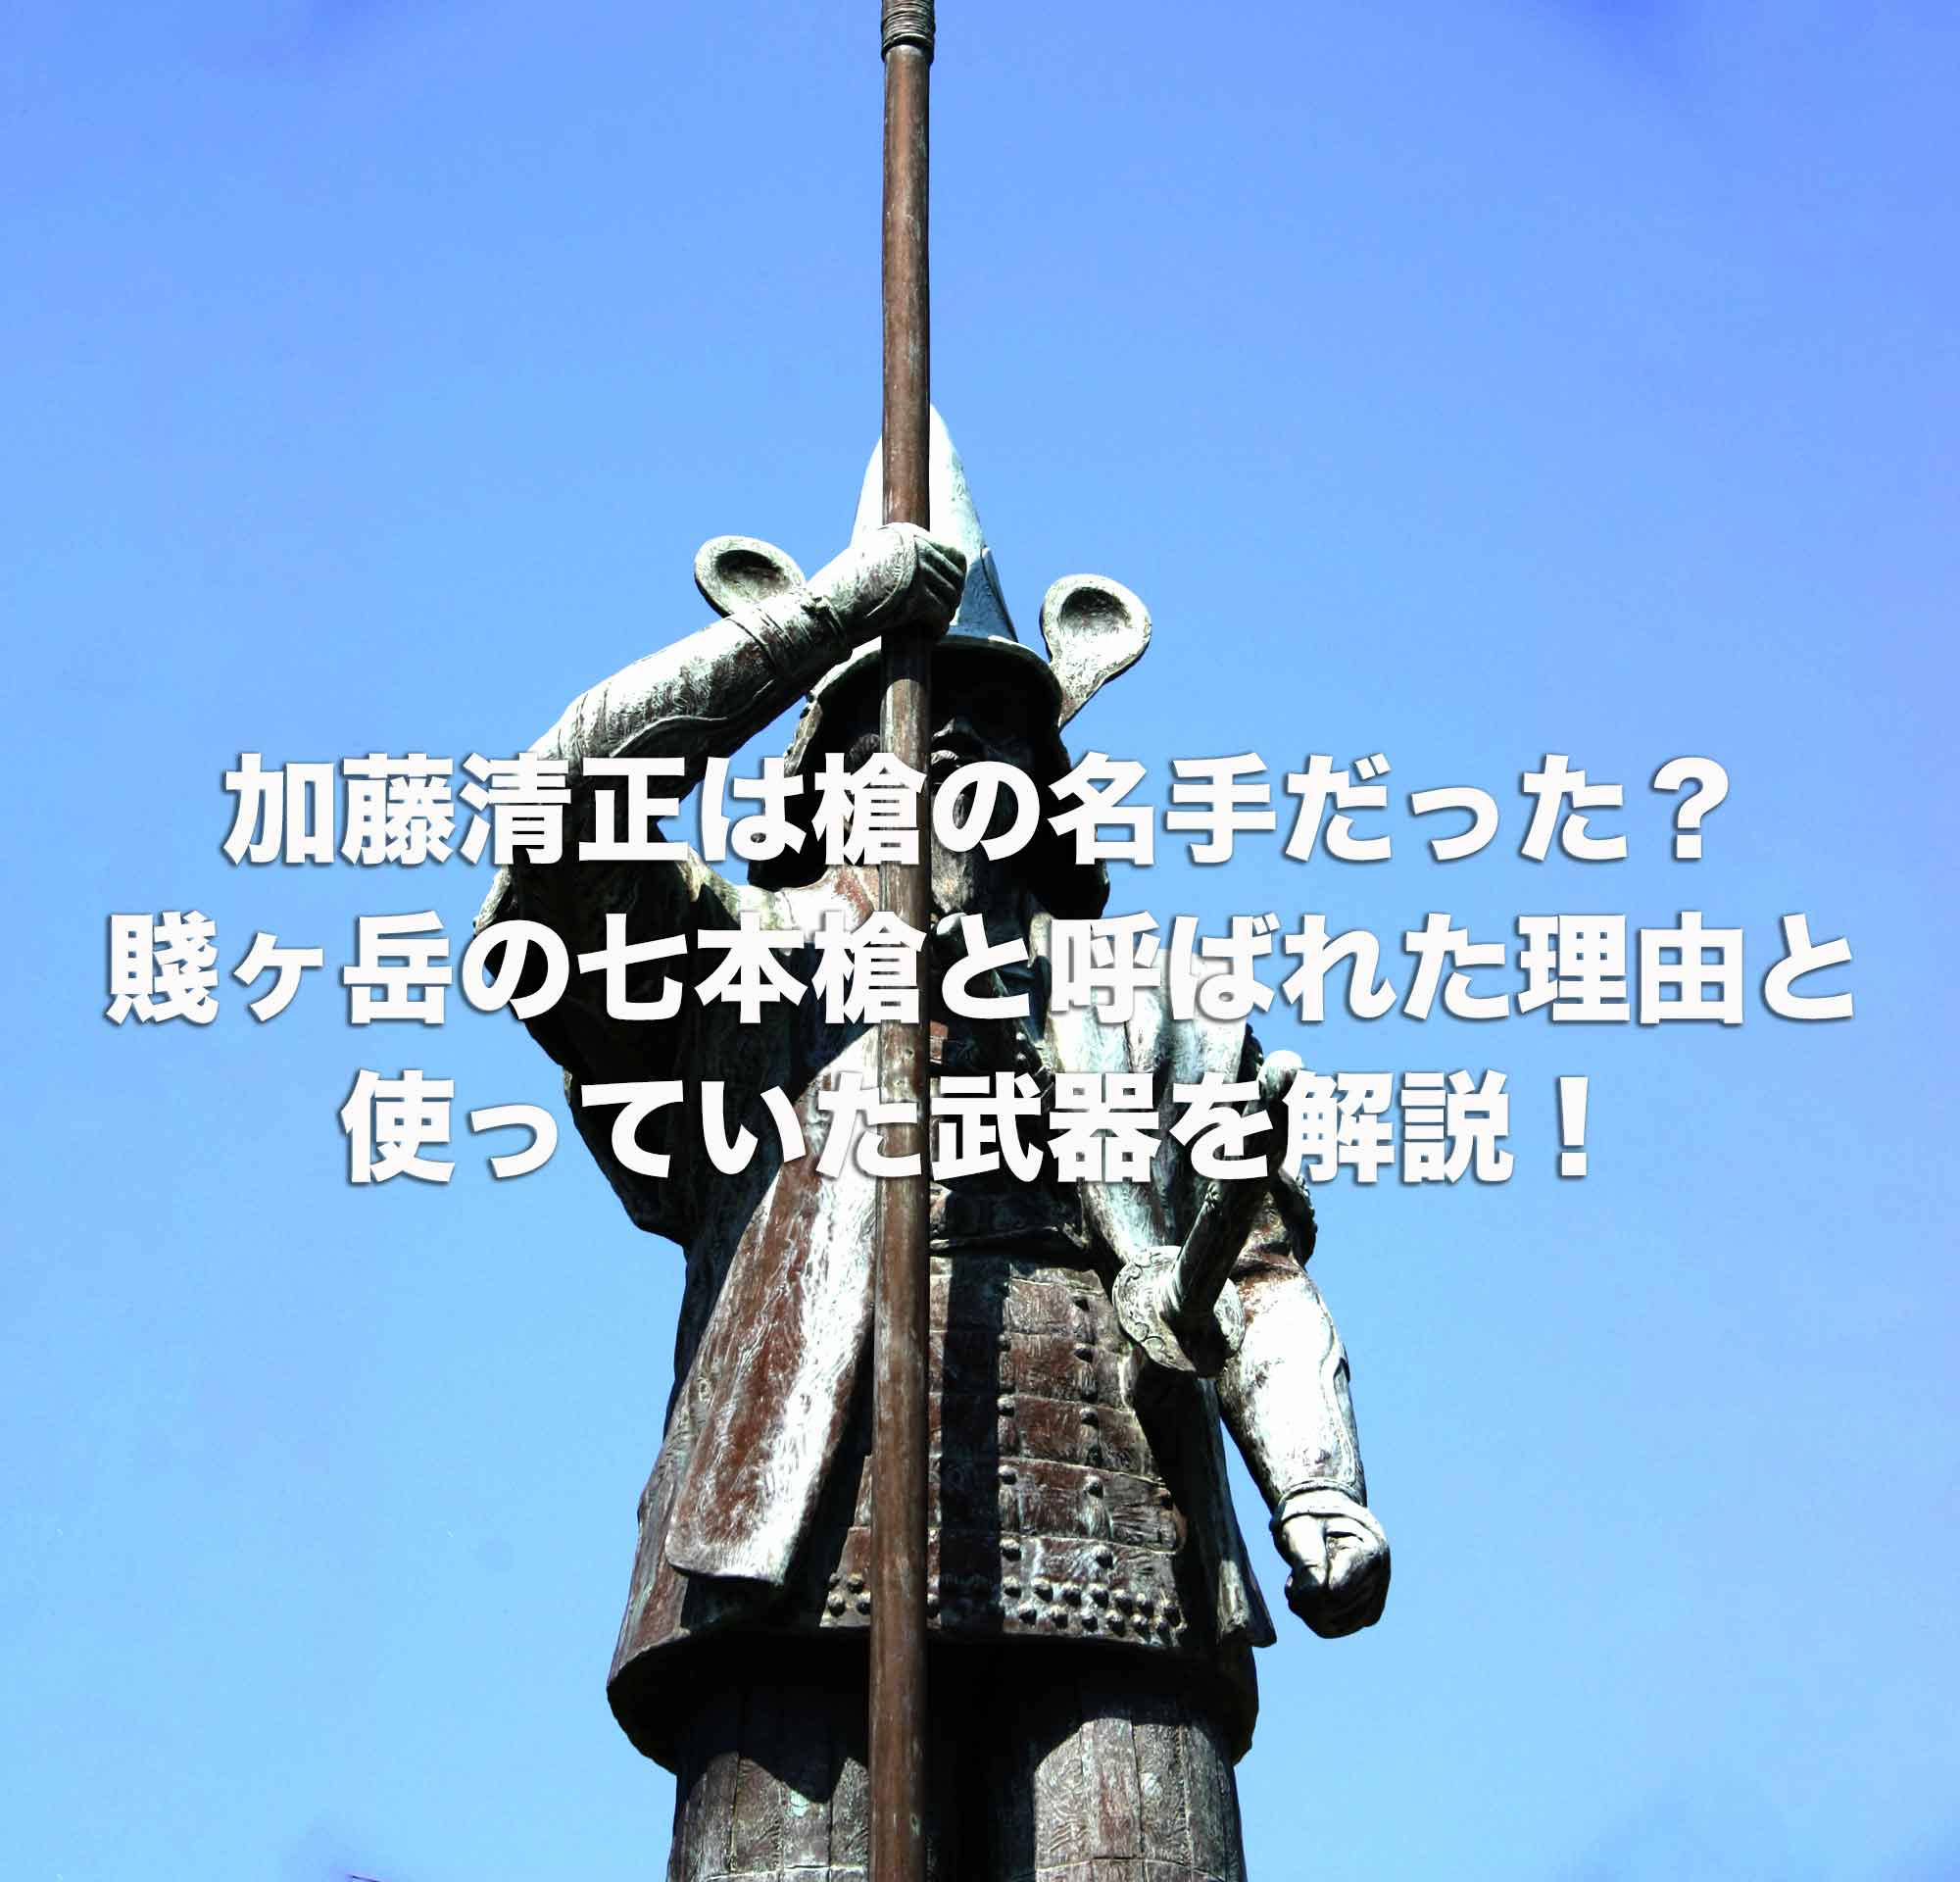 加藤清正は槍の名手だった?賤ヶ岳の七本槍と呼ばれた理由と使っていた武器